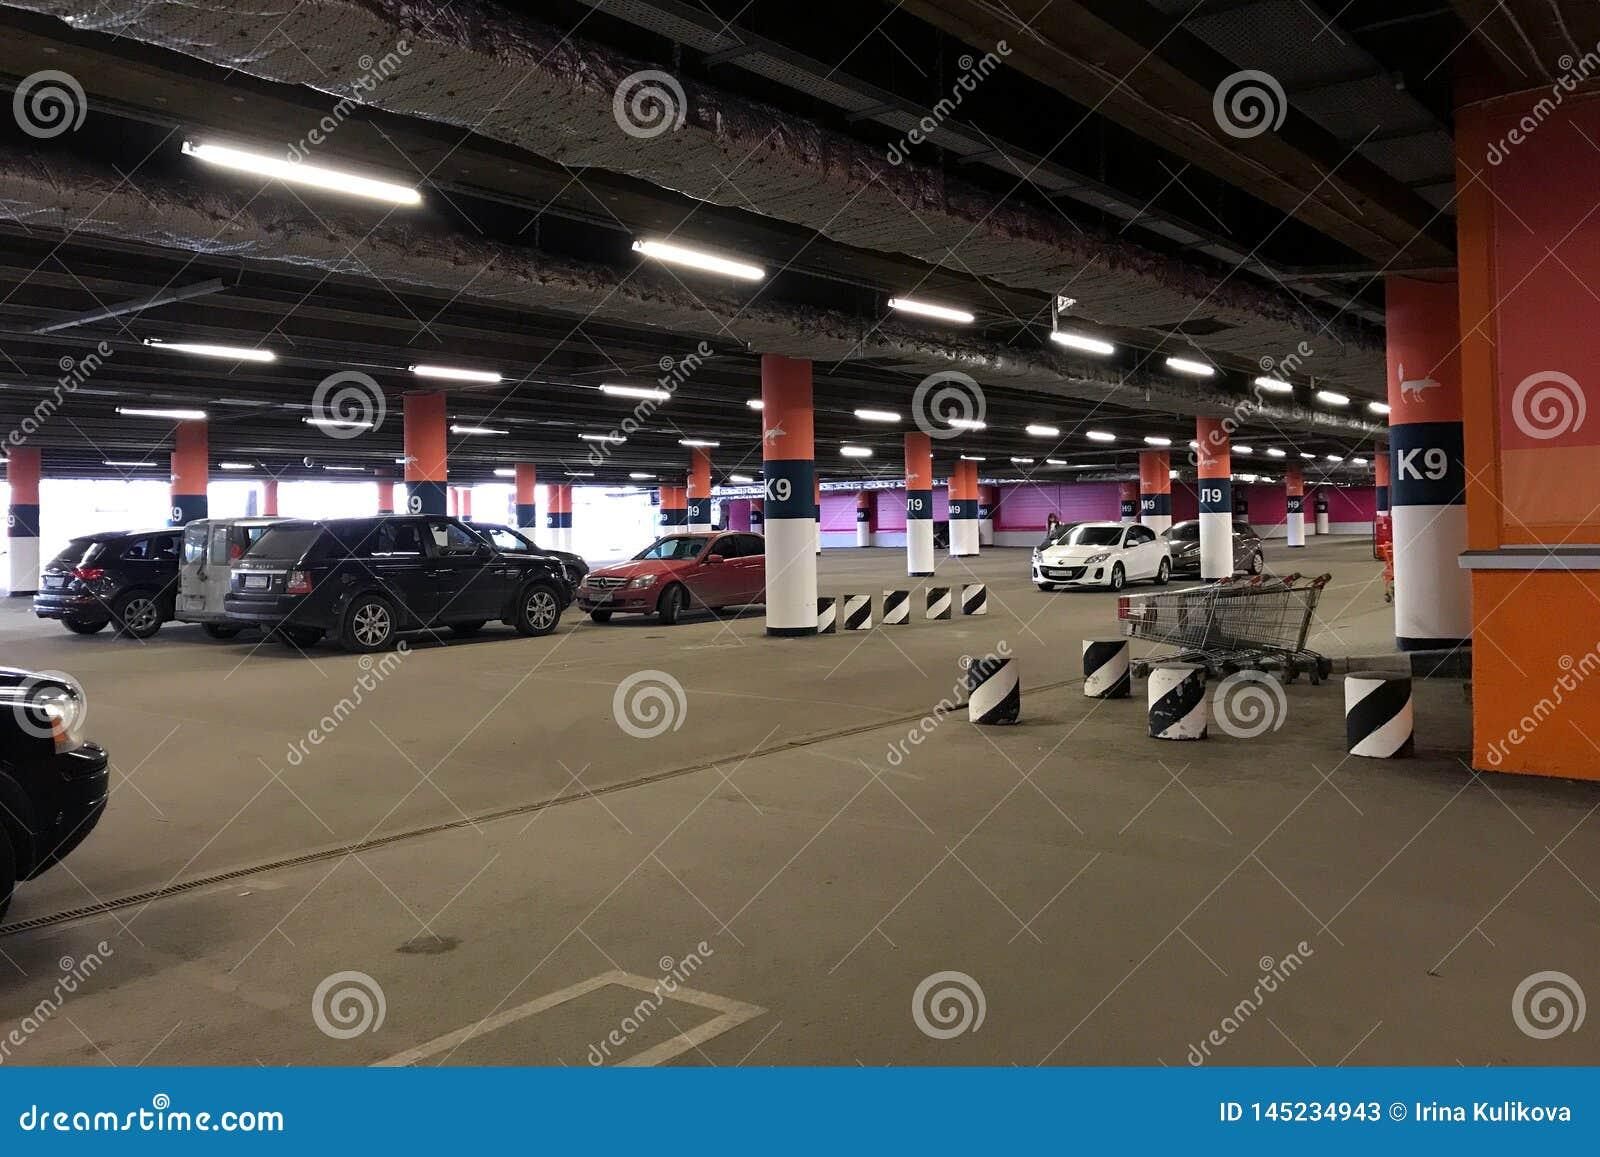 Coches en un aparcamiento subterráneo grande en el centro comercial mega